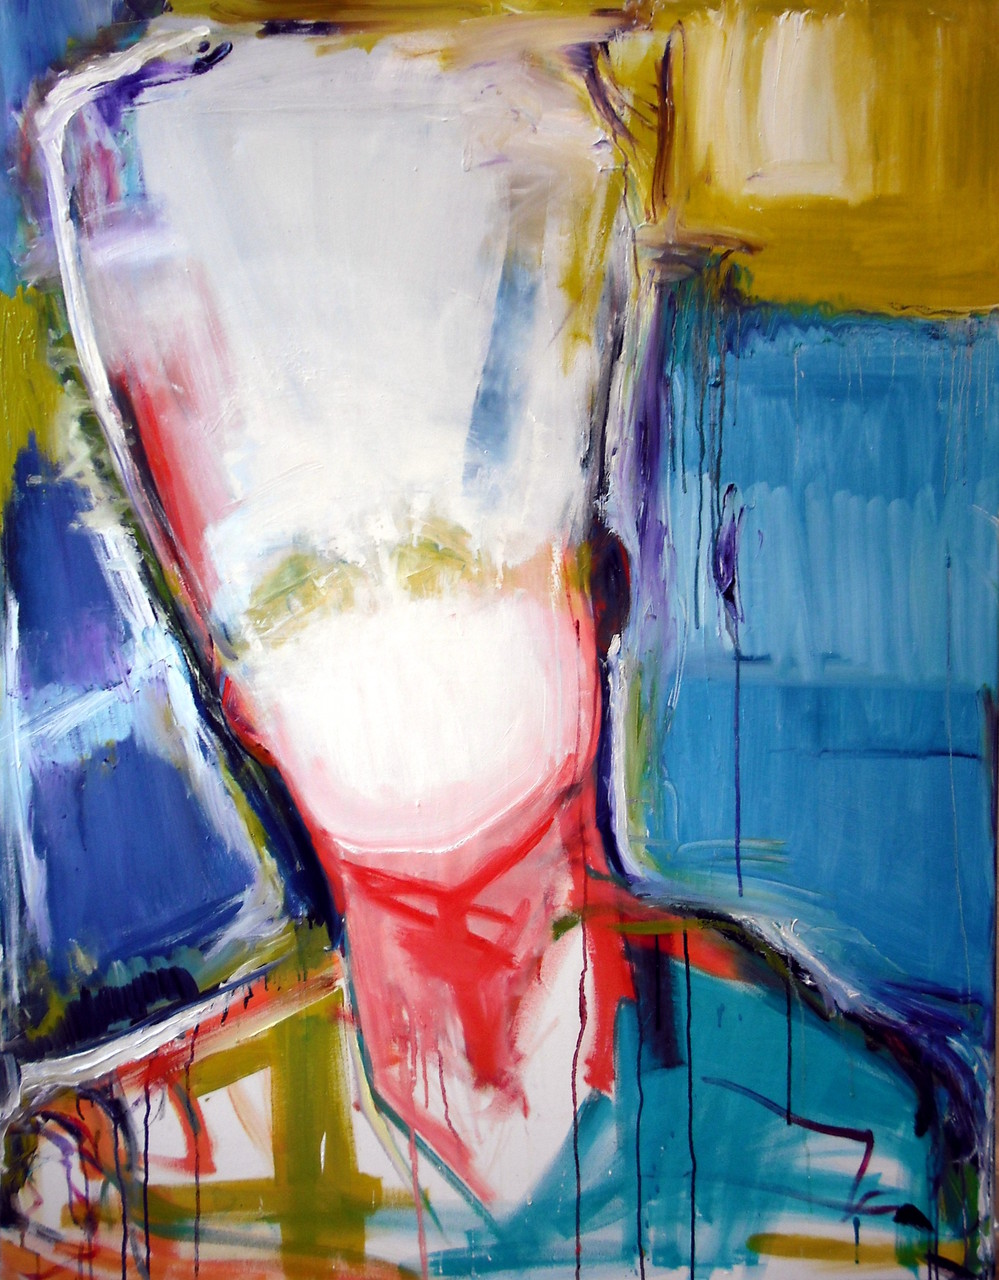 silent portrait (Oil on Canvas, 130x100cm)